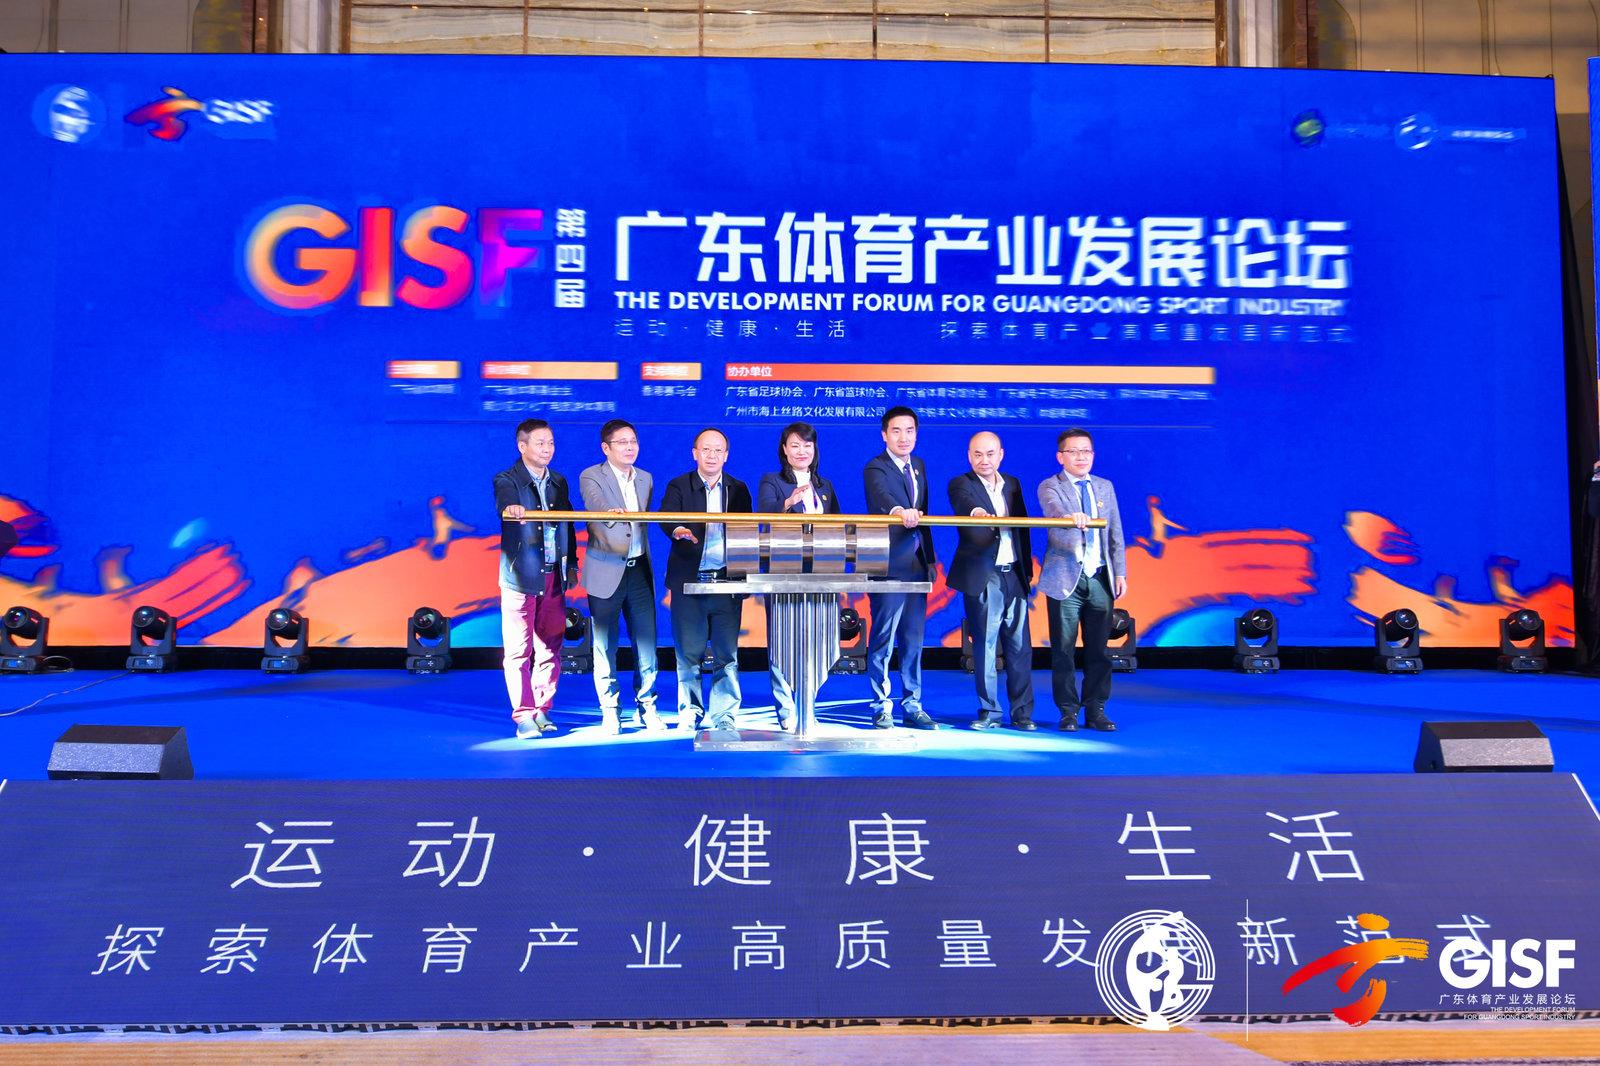 广东省体育产业发展论坛圆满举行探索体育产业高质量发展新范式